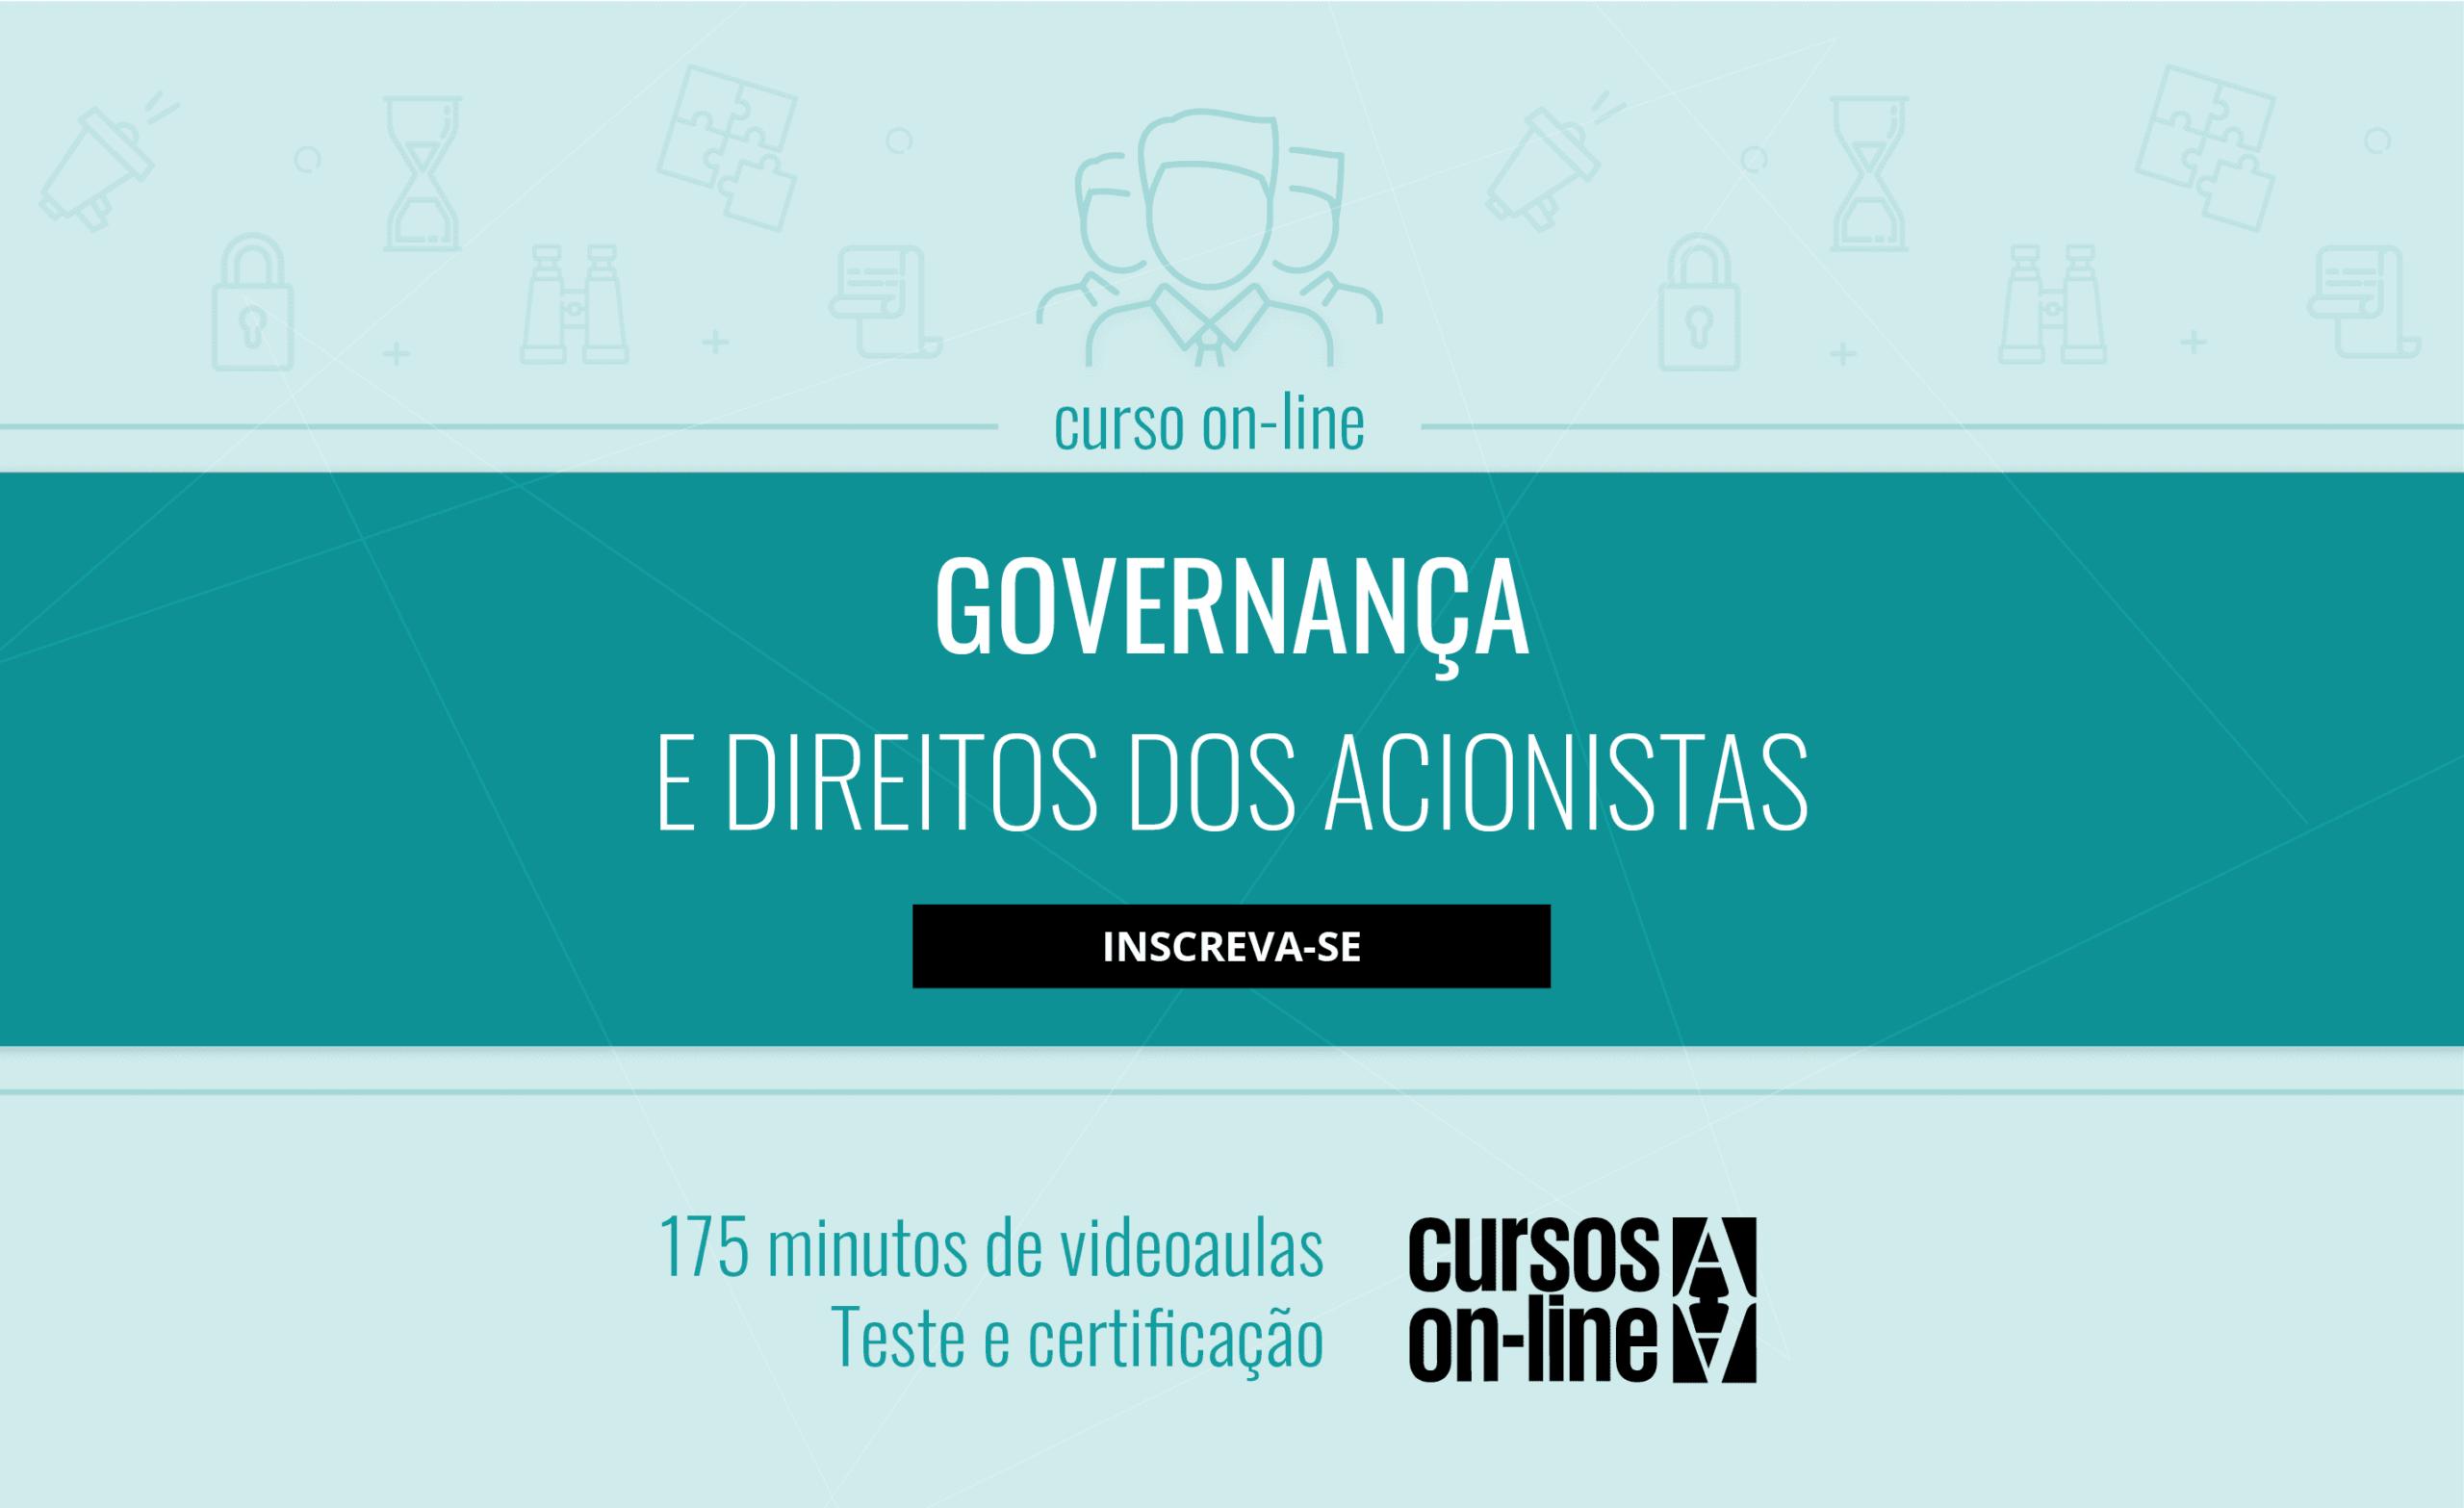 Curso on-line Governança e direitos dos acionistas